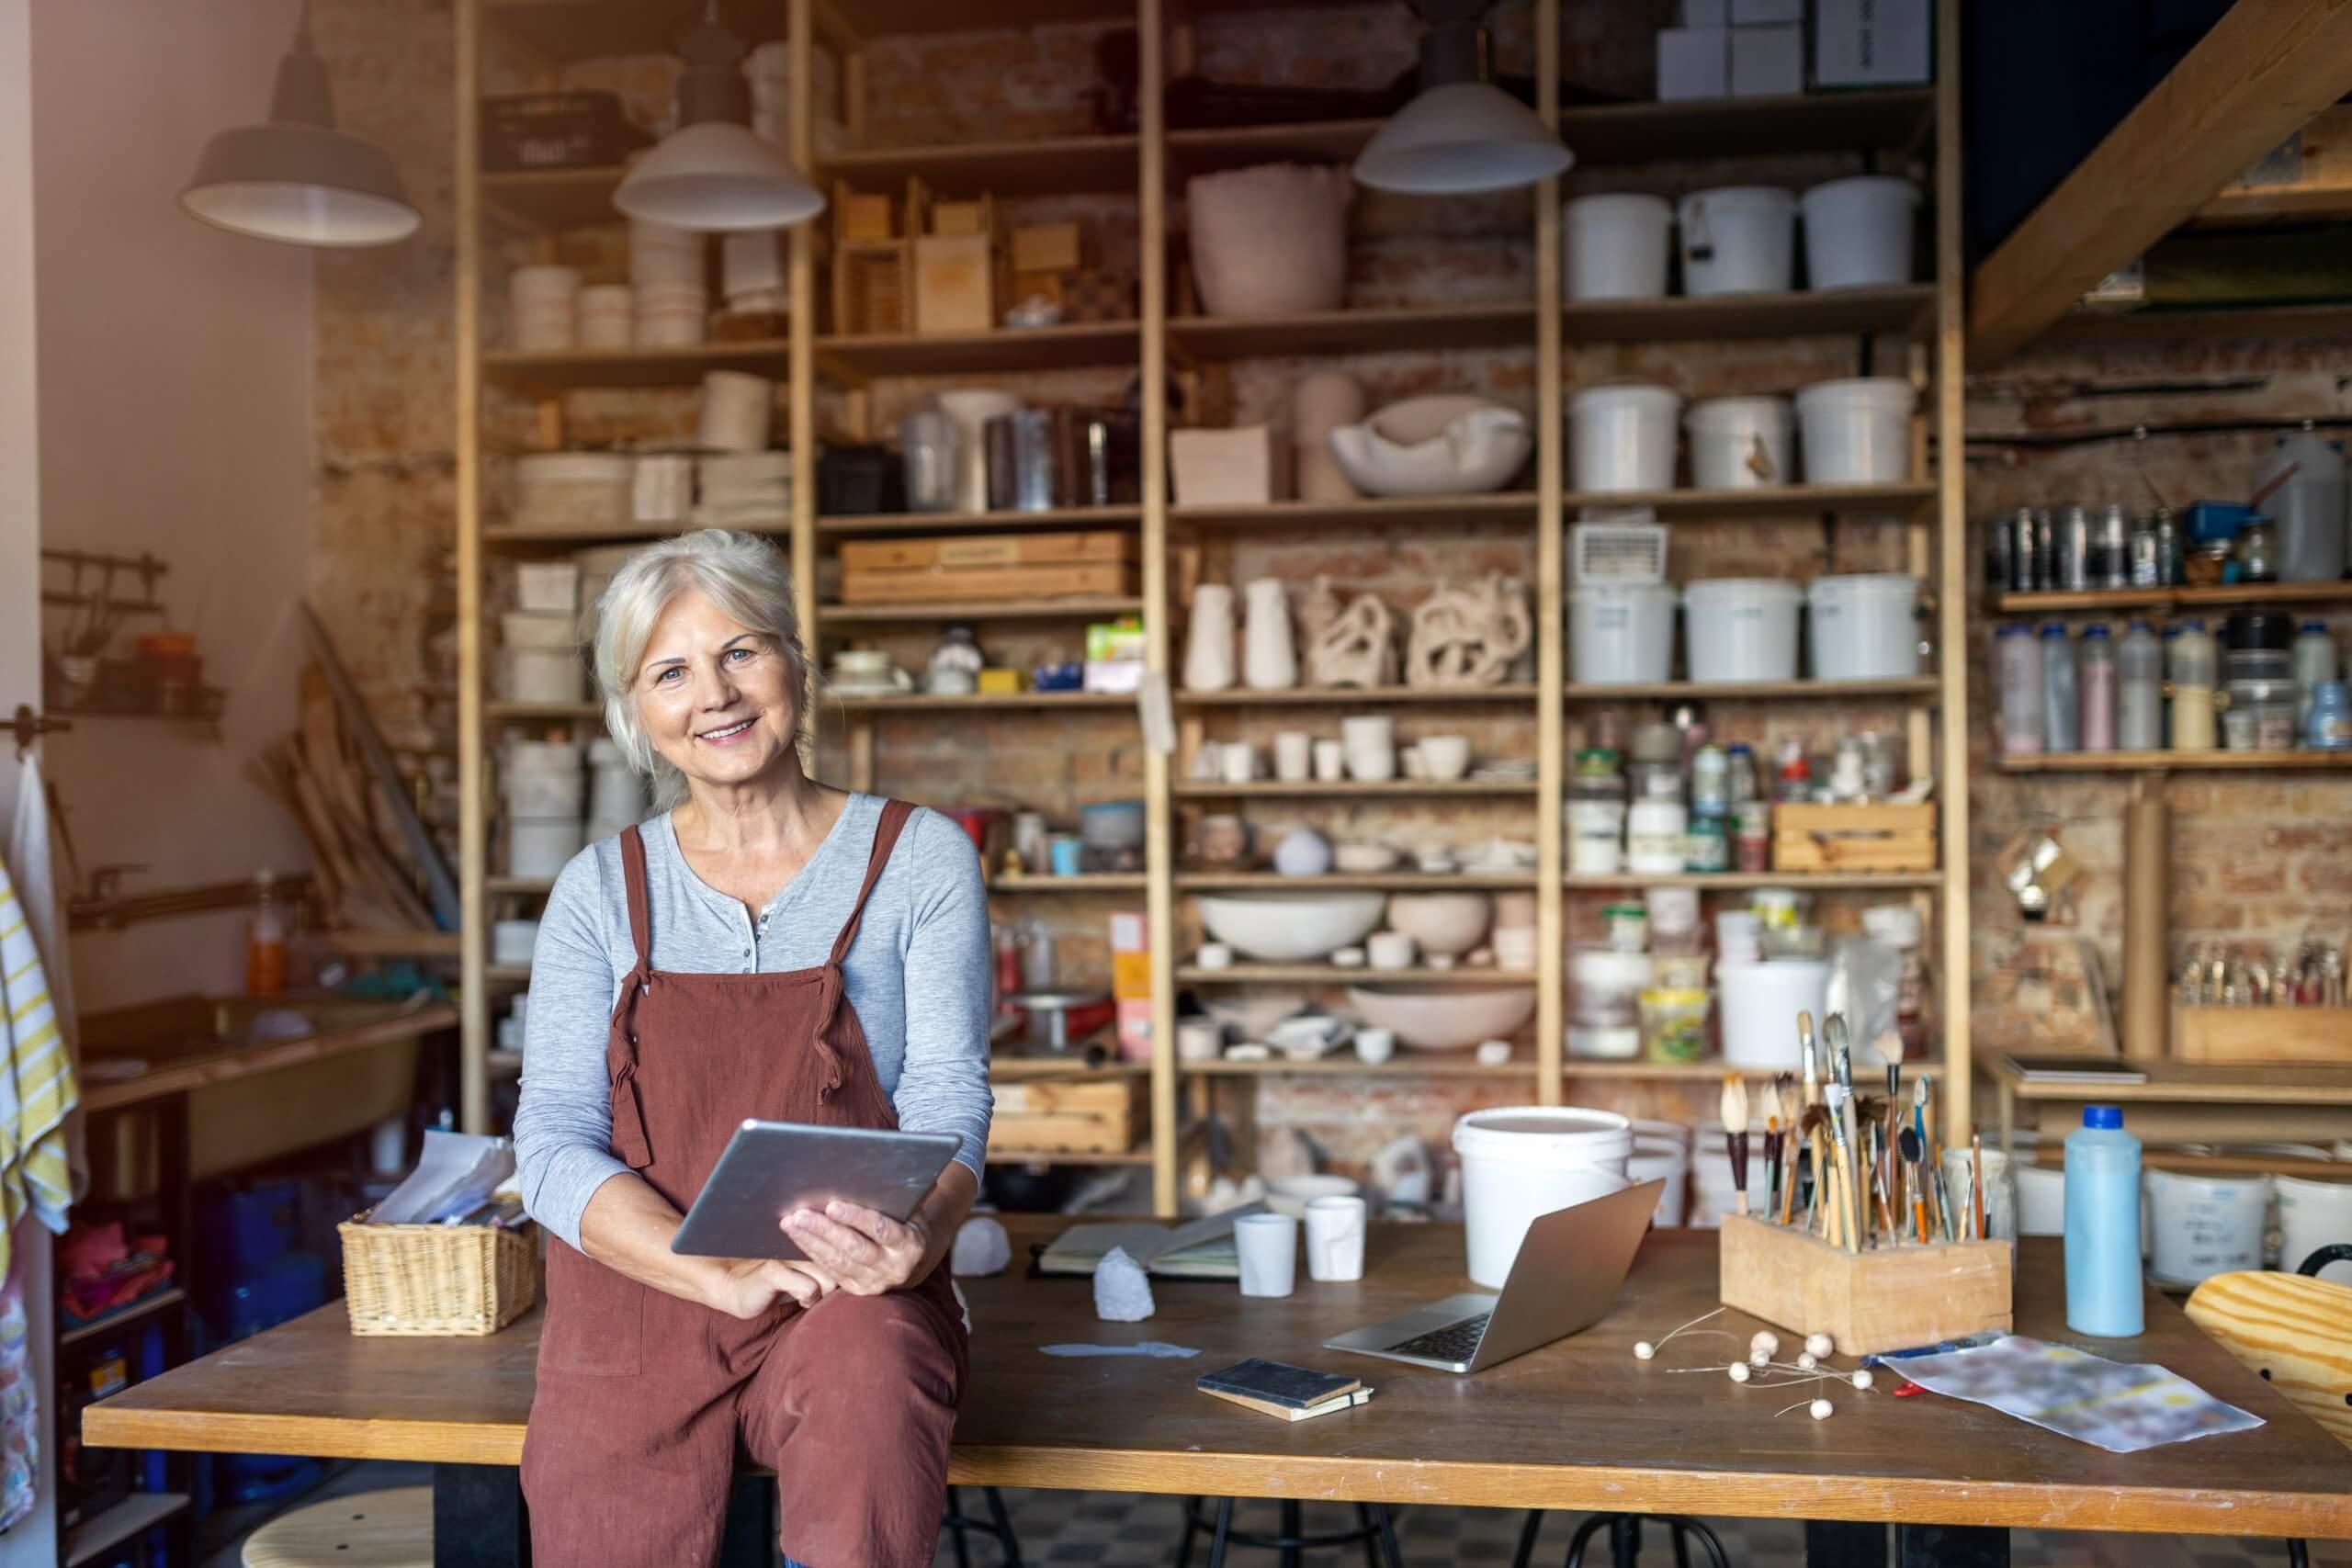 Geschäftsmodell für Frauen, c: Shutterstock